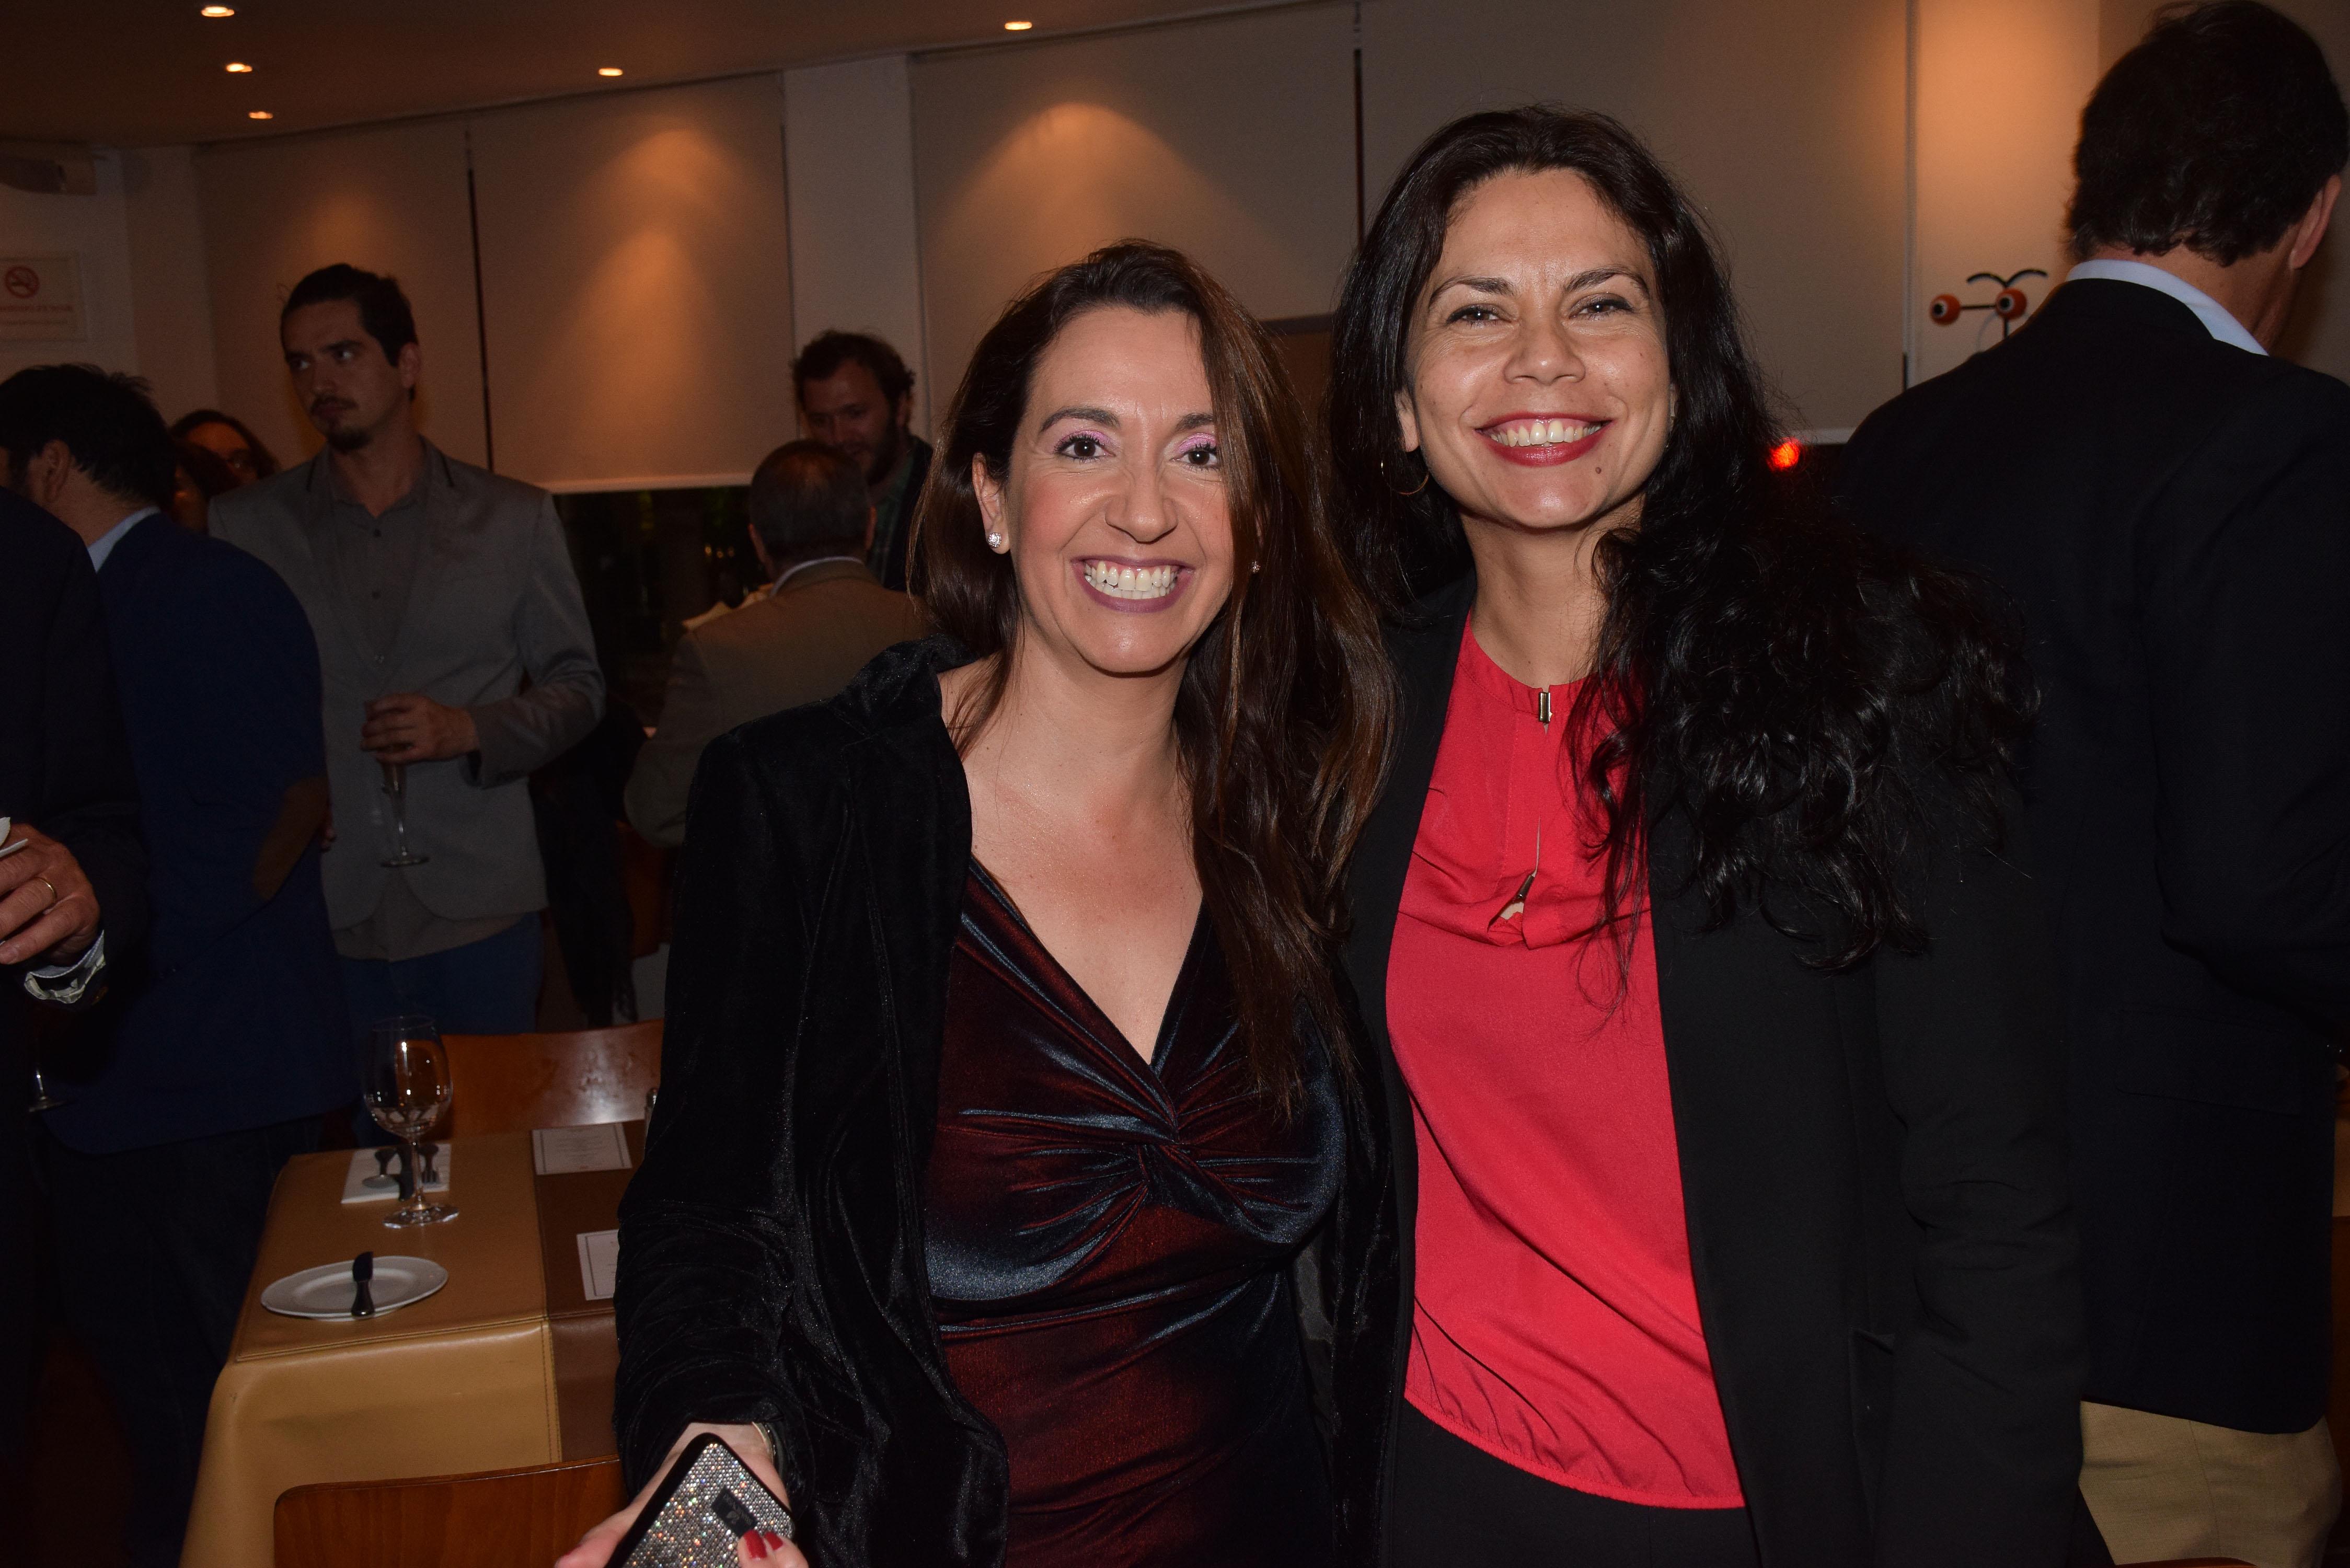 María Paz Jiménez y Anita Barahona.